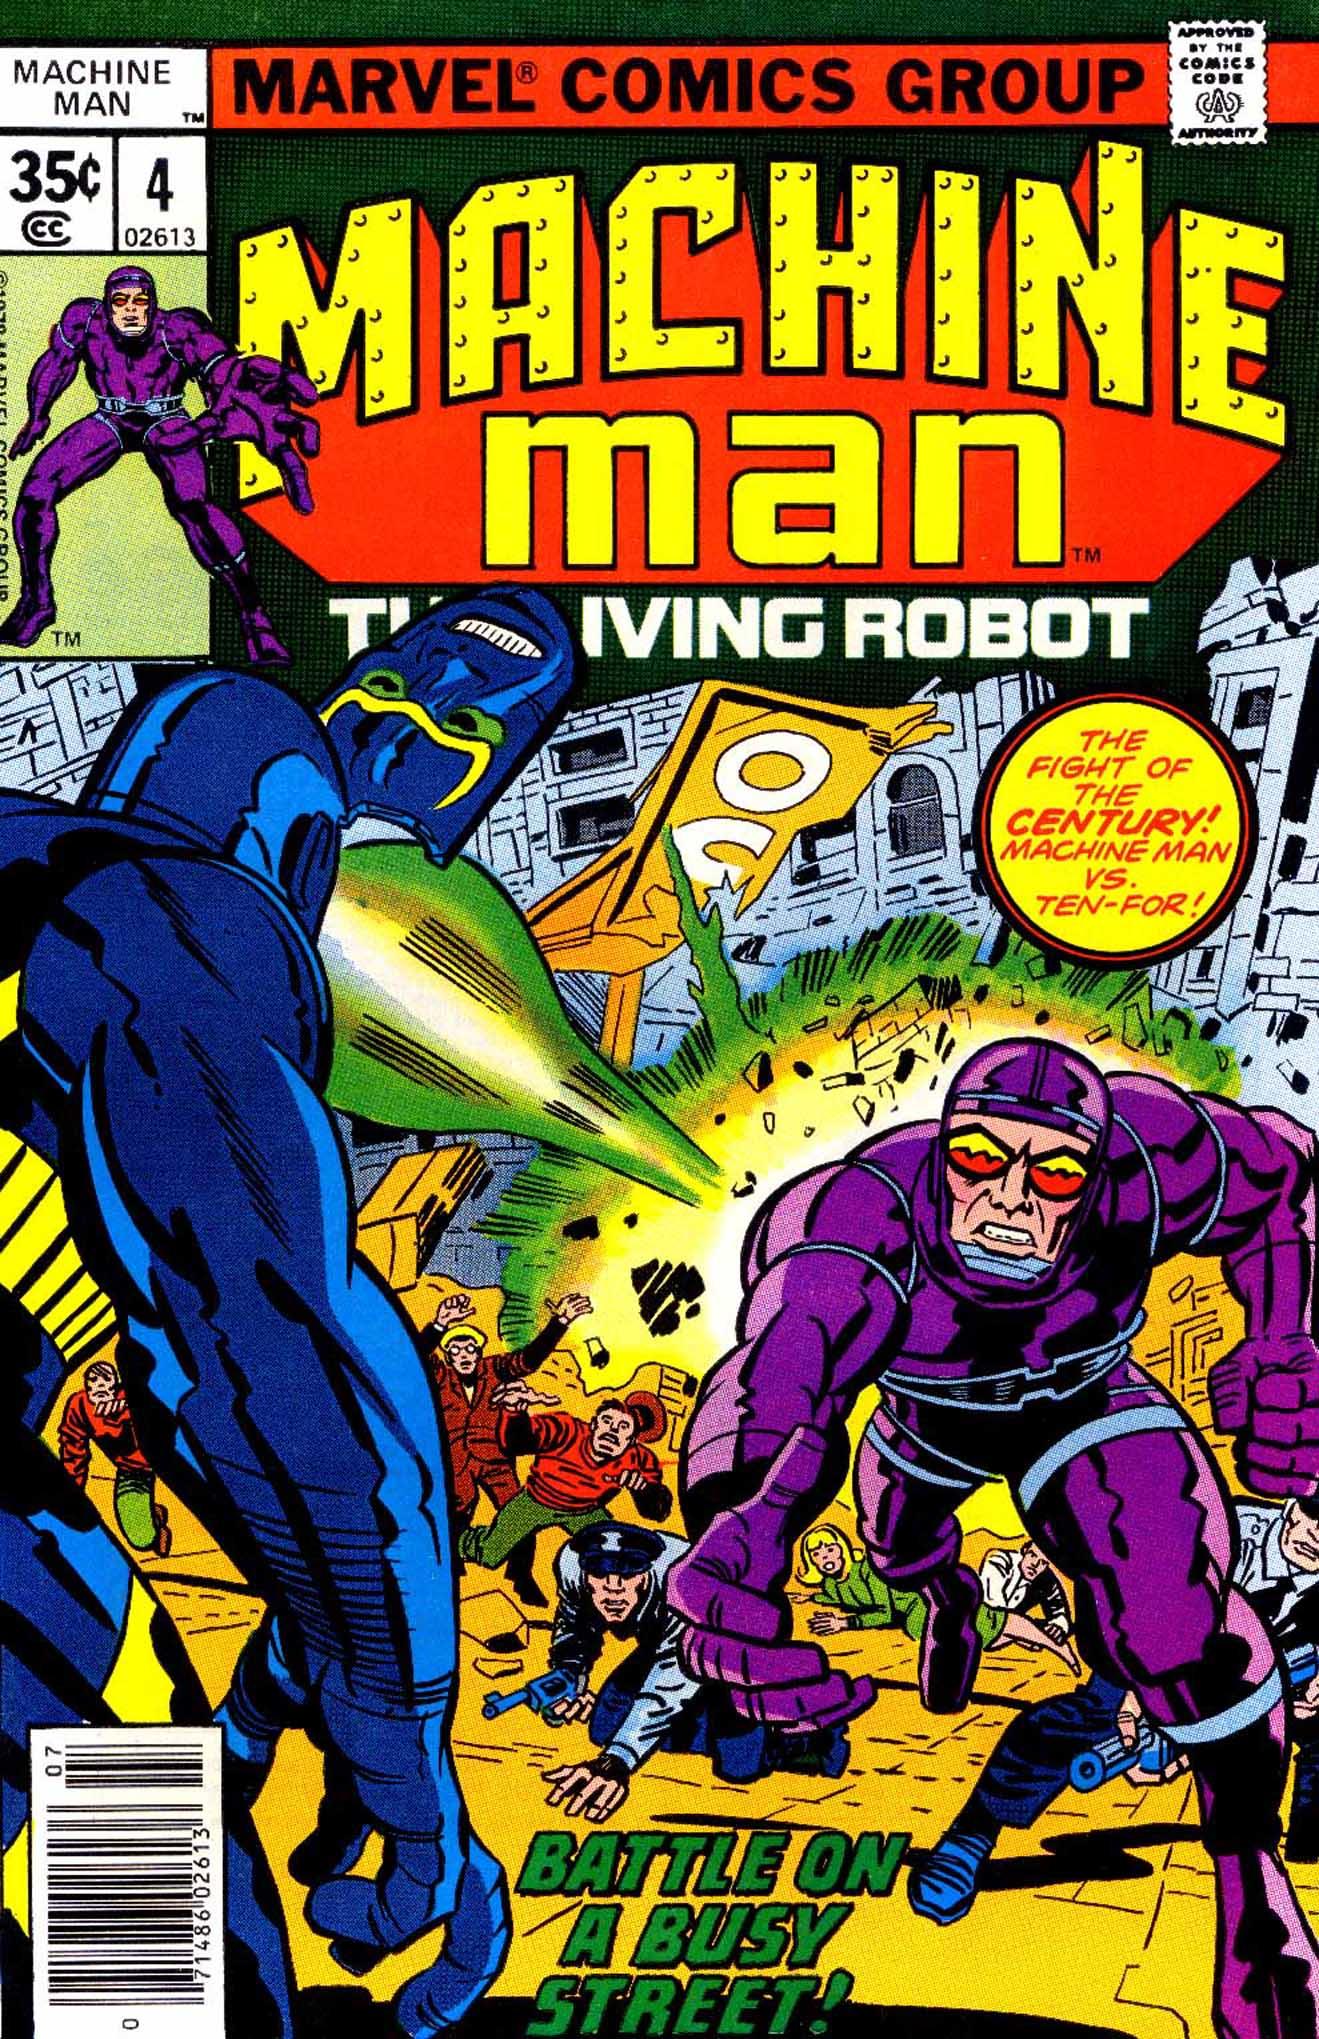 Machine Man (1978) issue 4 - Page 1